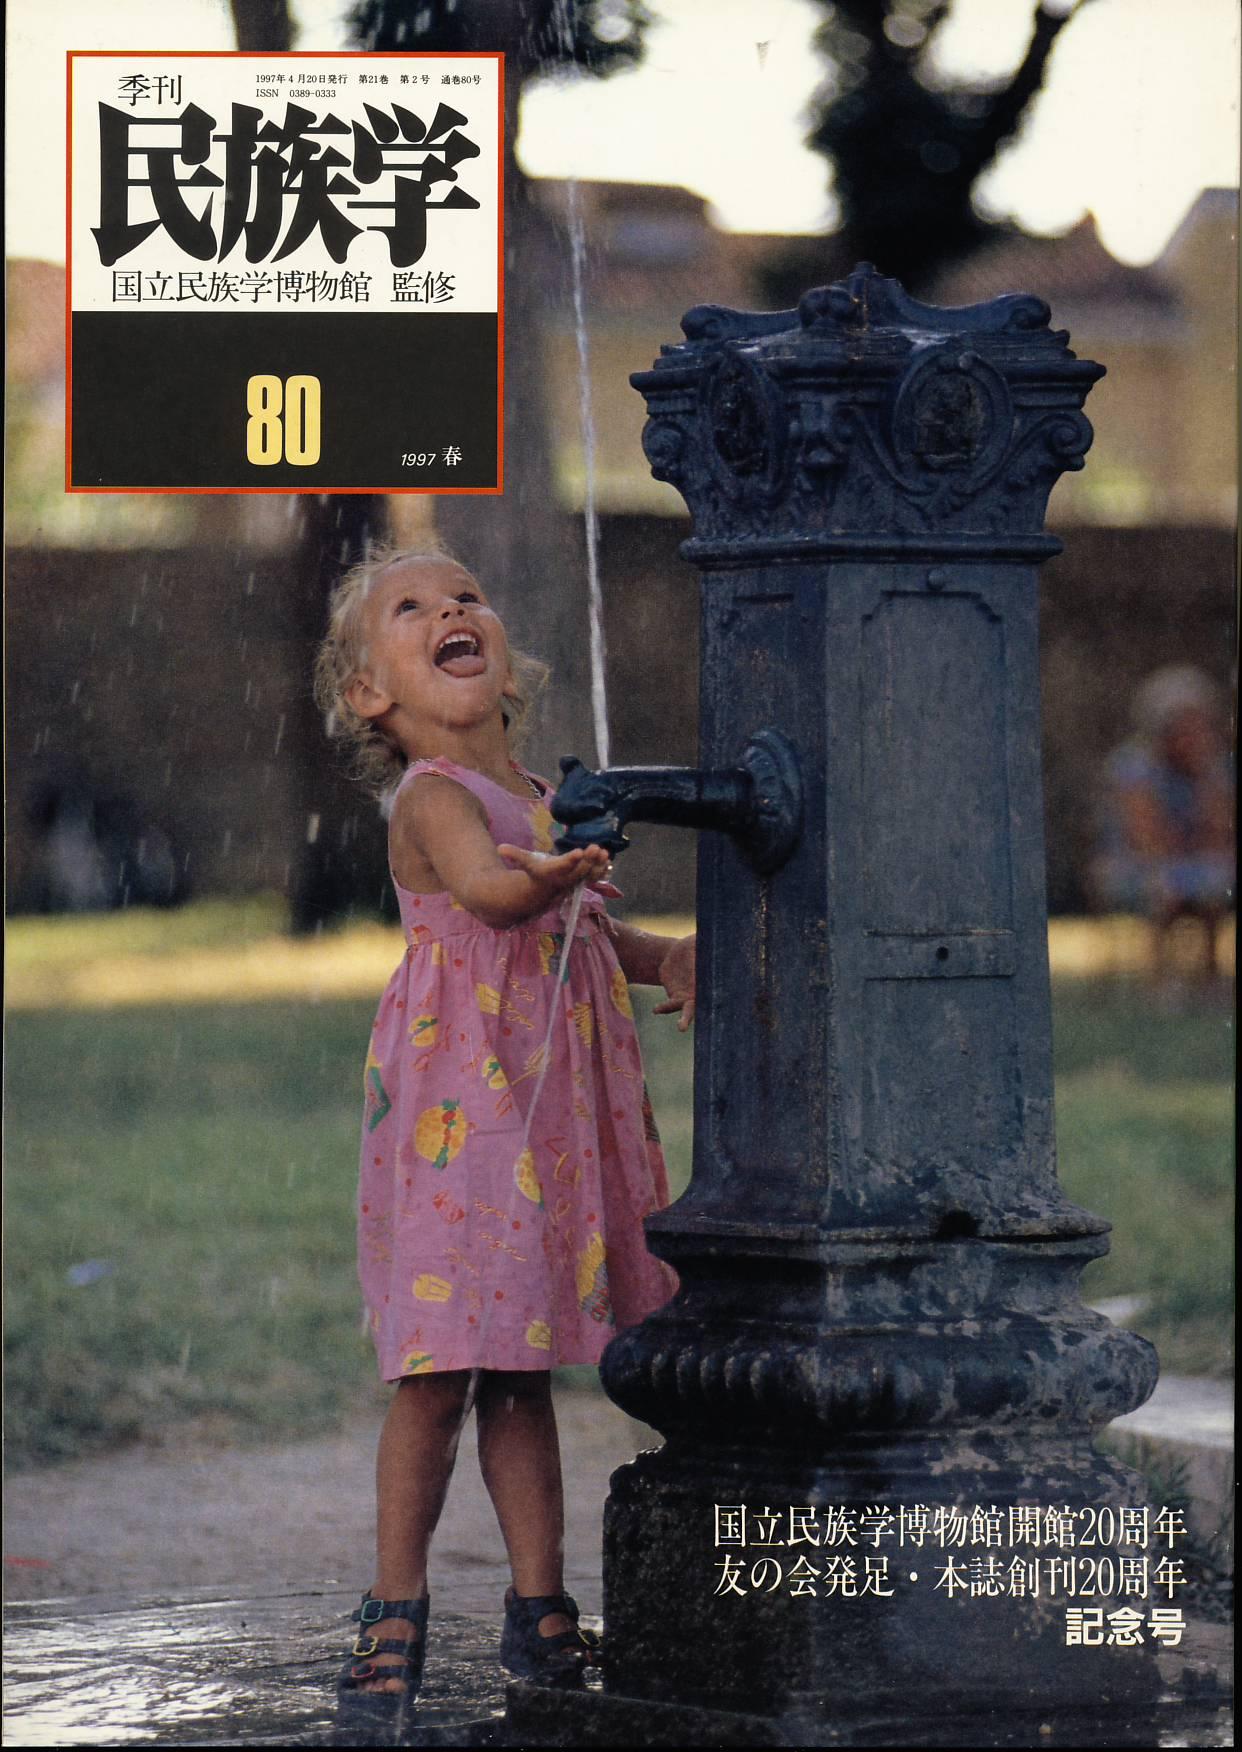 80号 1997年 春